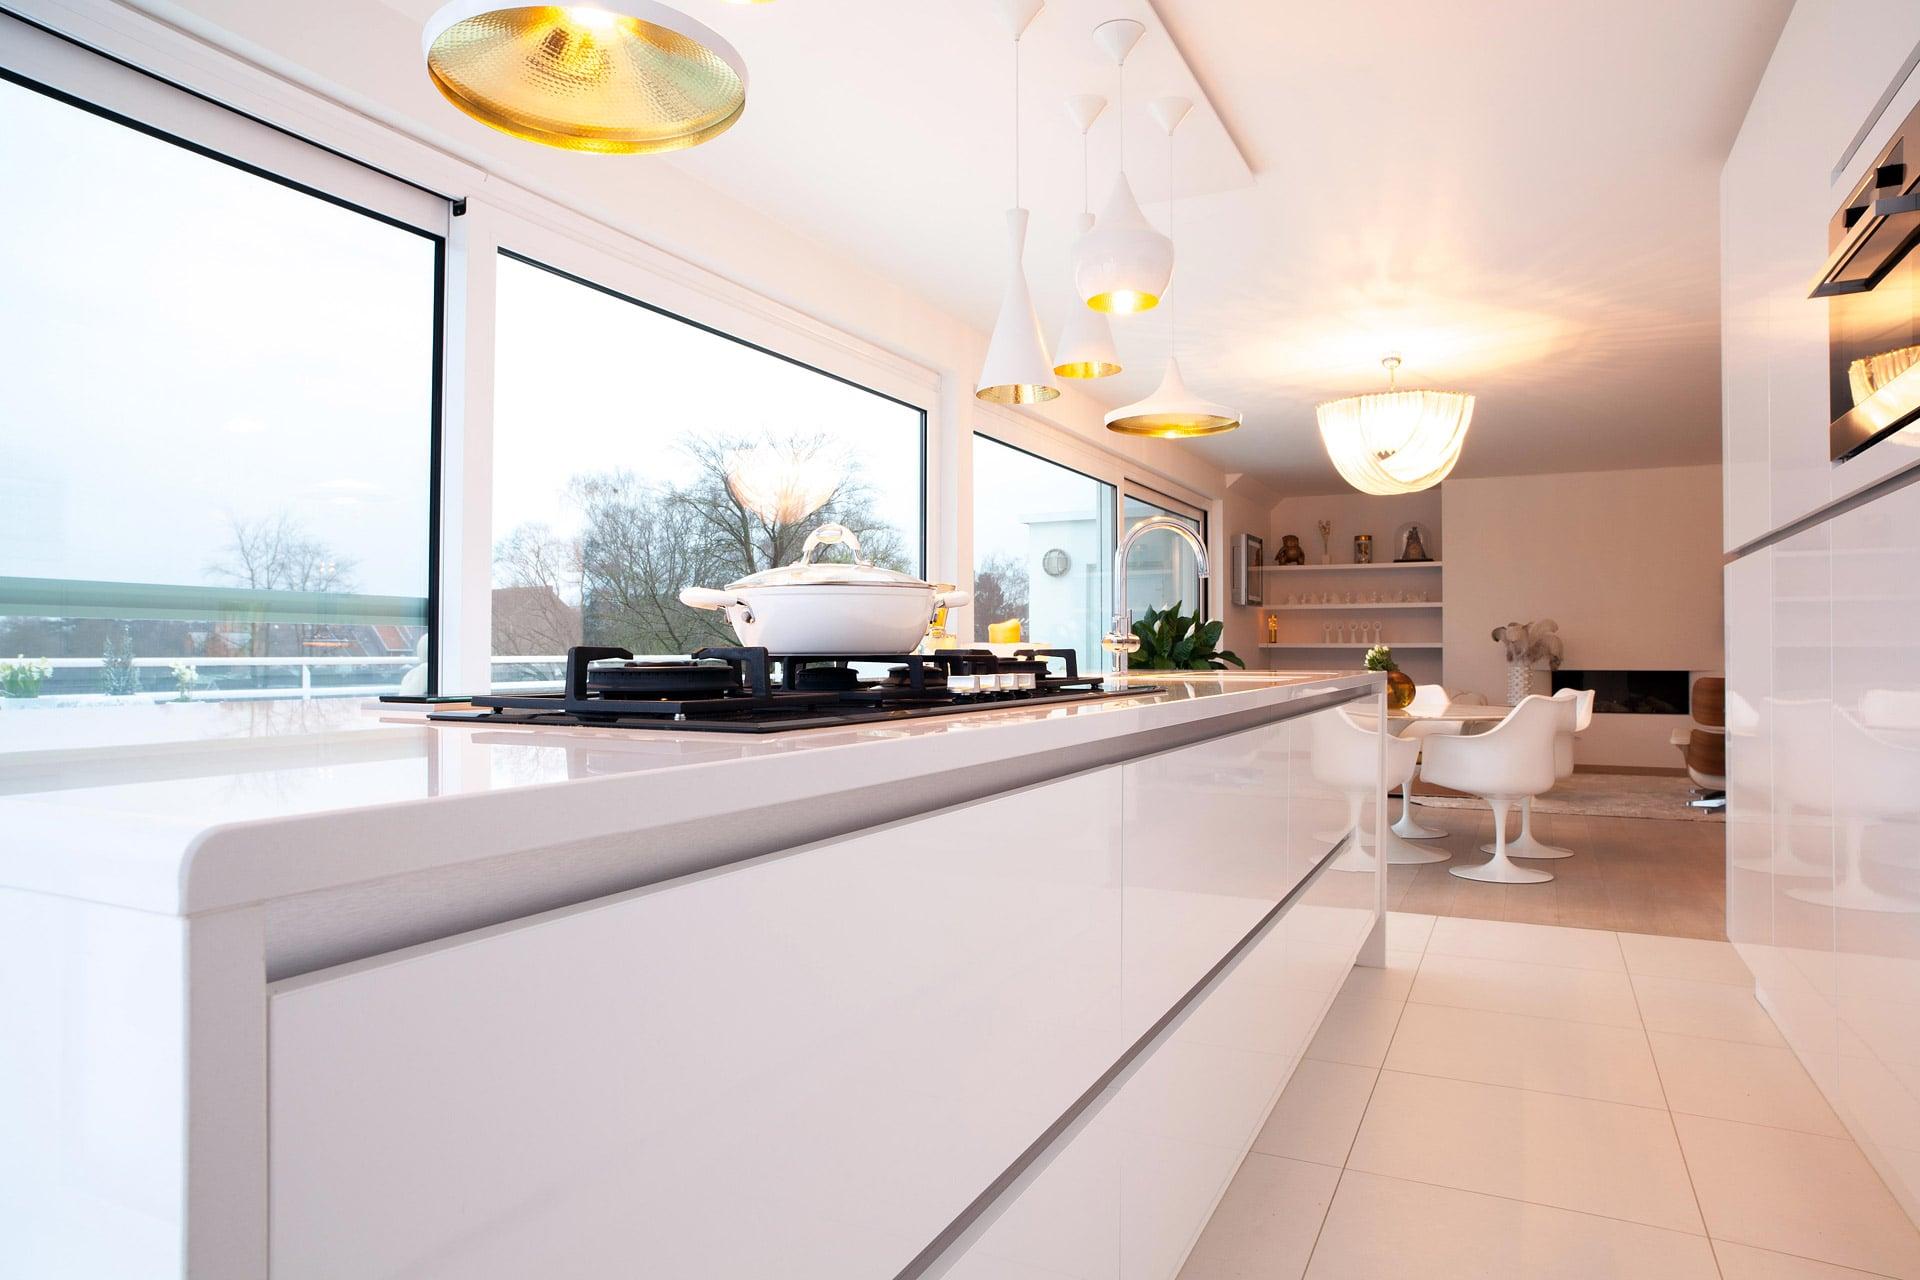 Keuken GL - Ilwa